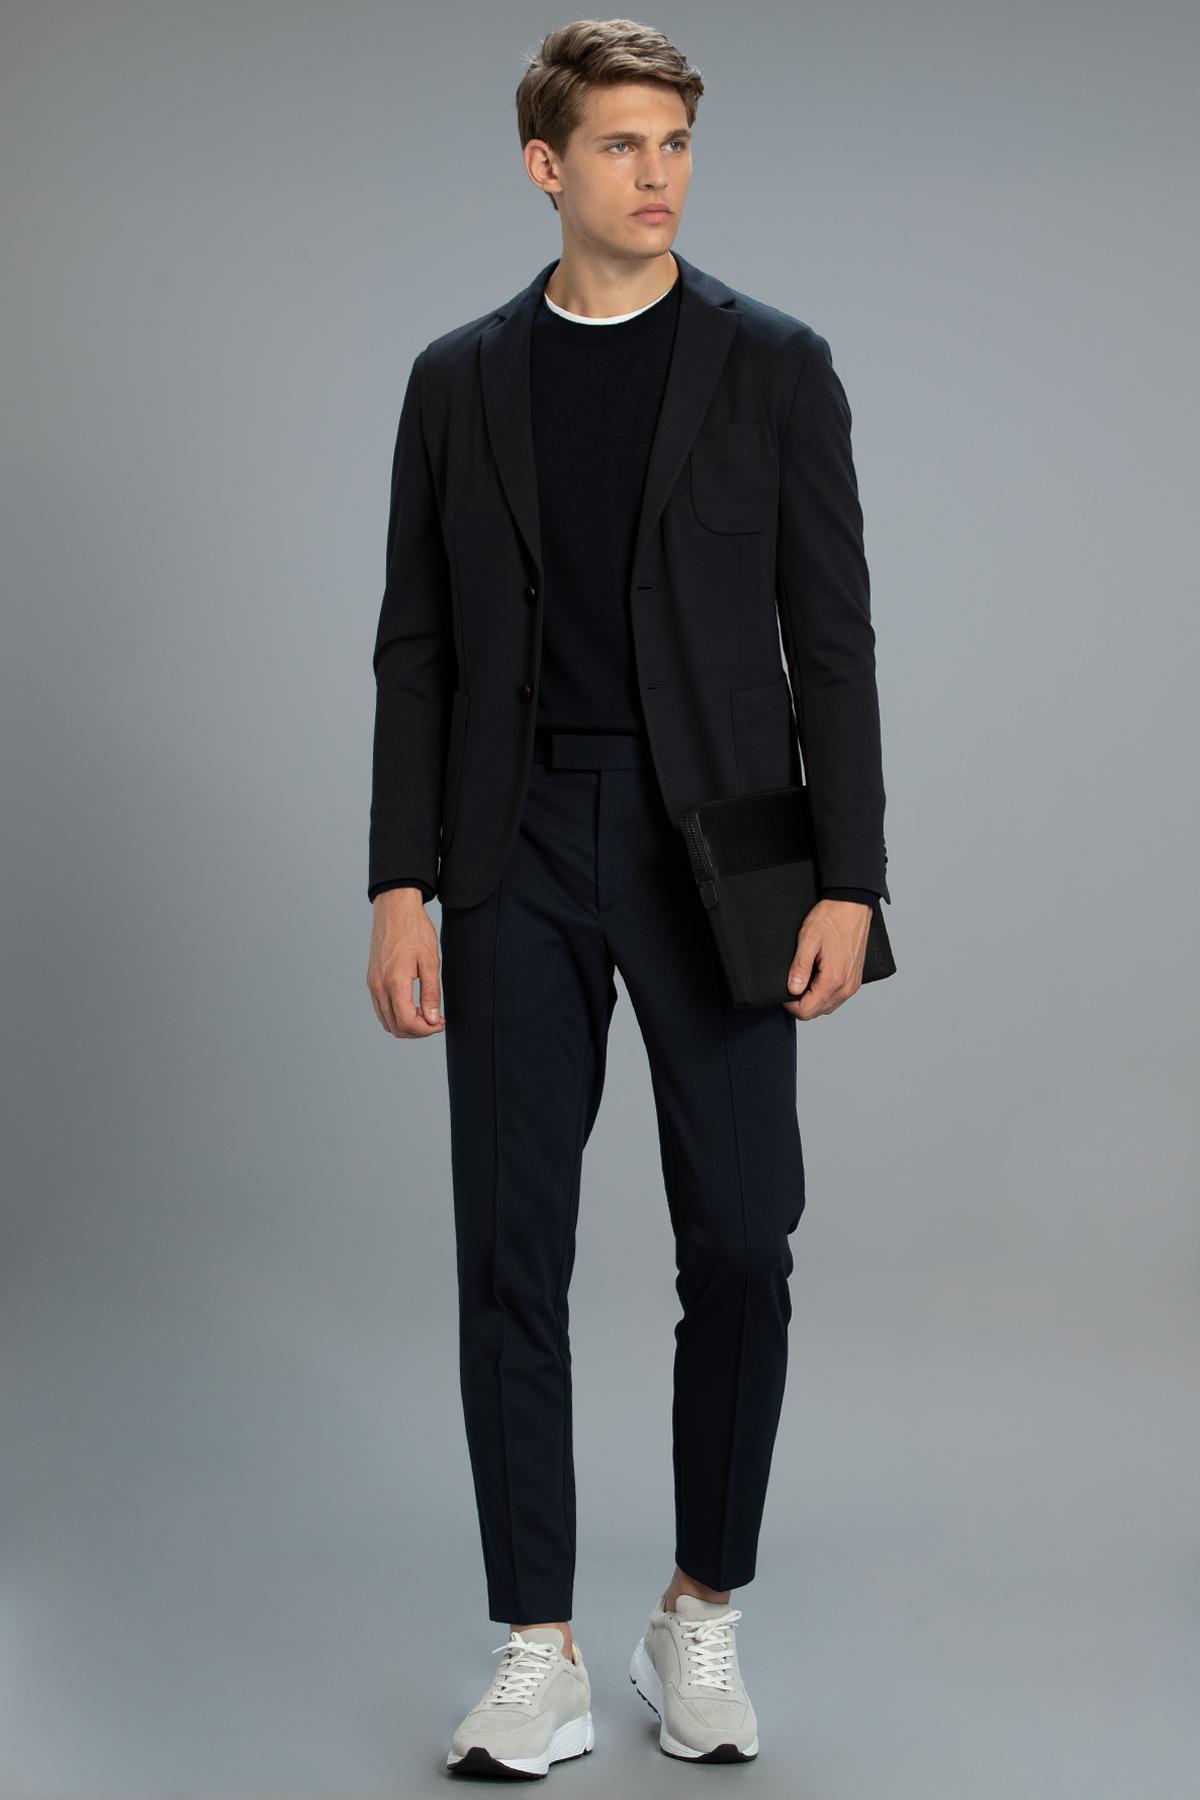 Molea Spor Blazer Ceket Slim Fit Lacivert